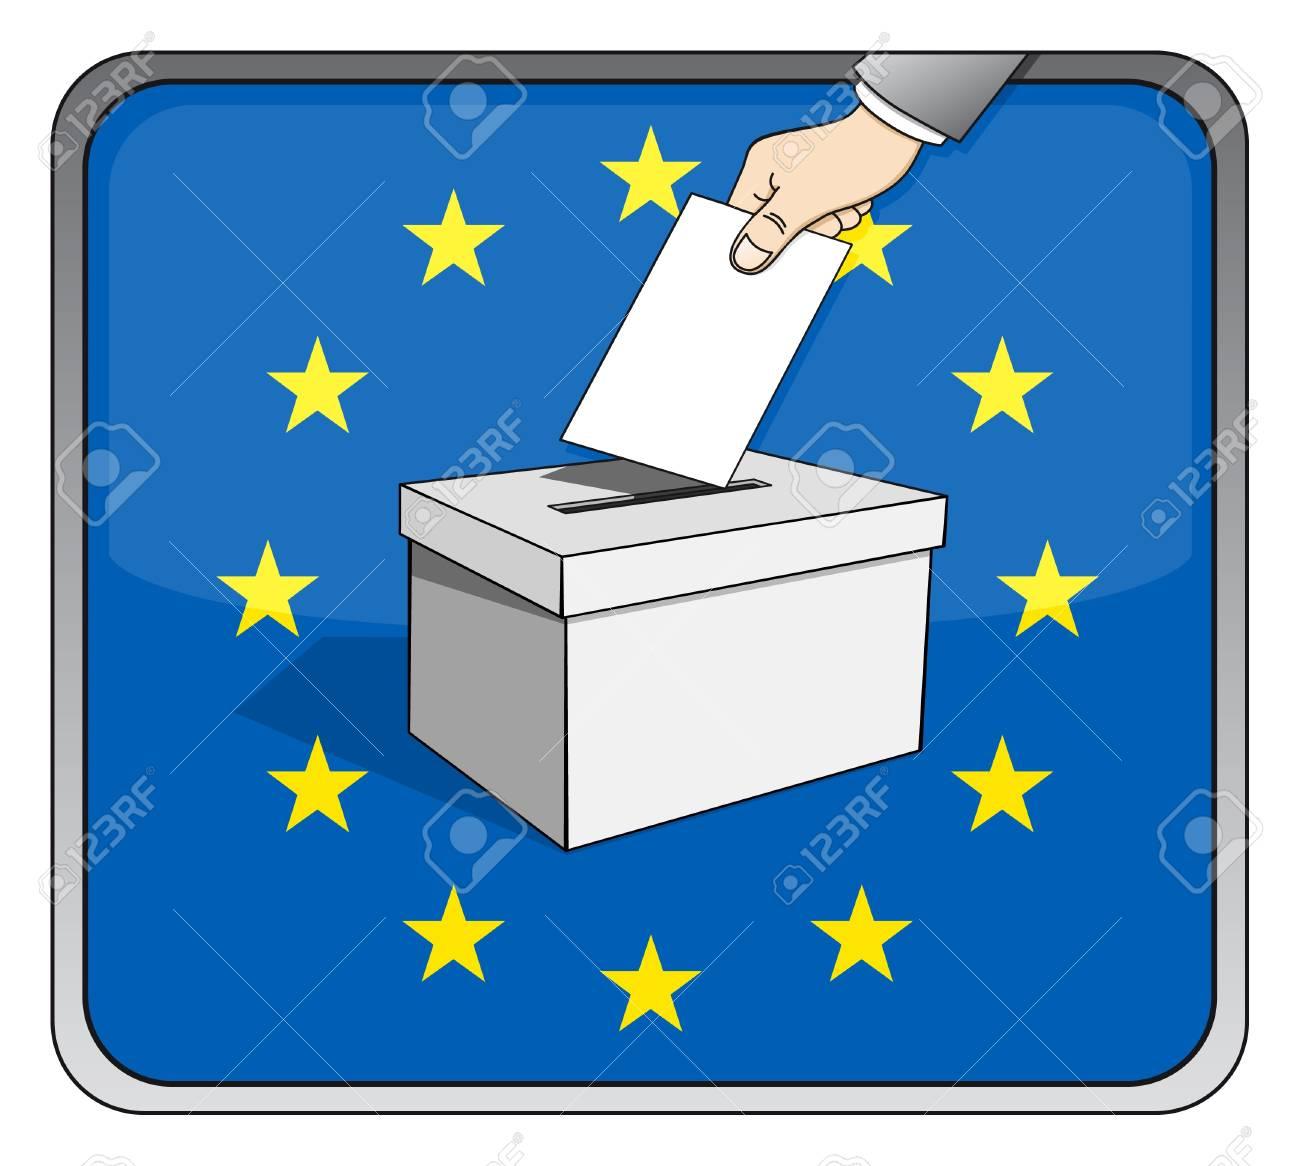 欧州議会選挙 - 投票箱と国旗 ロイヤリティフリークリップアート